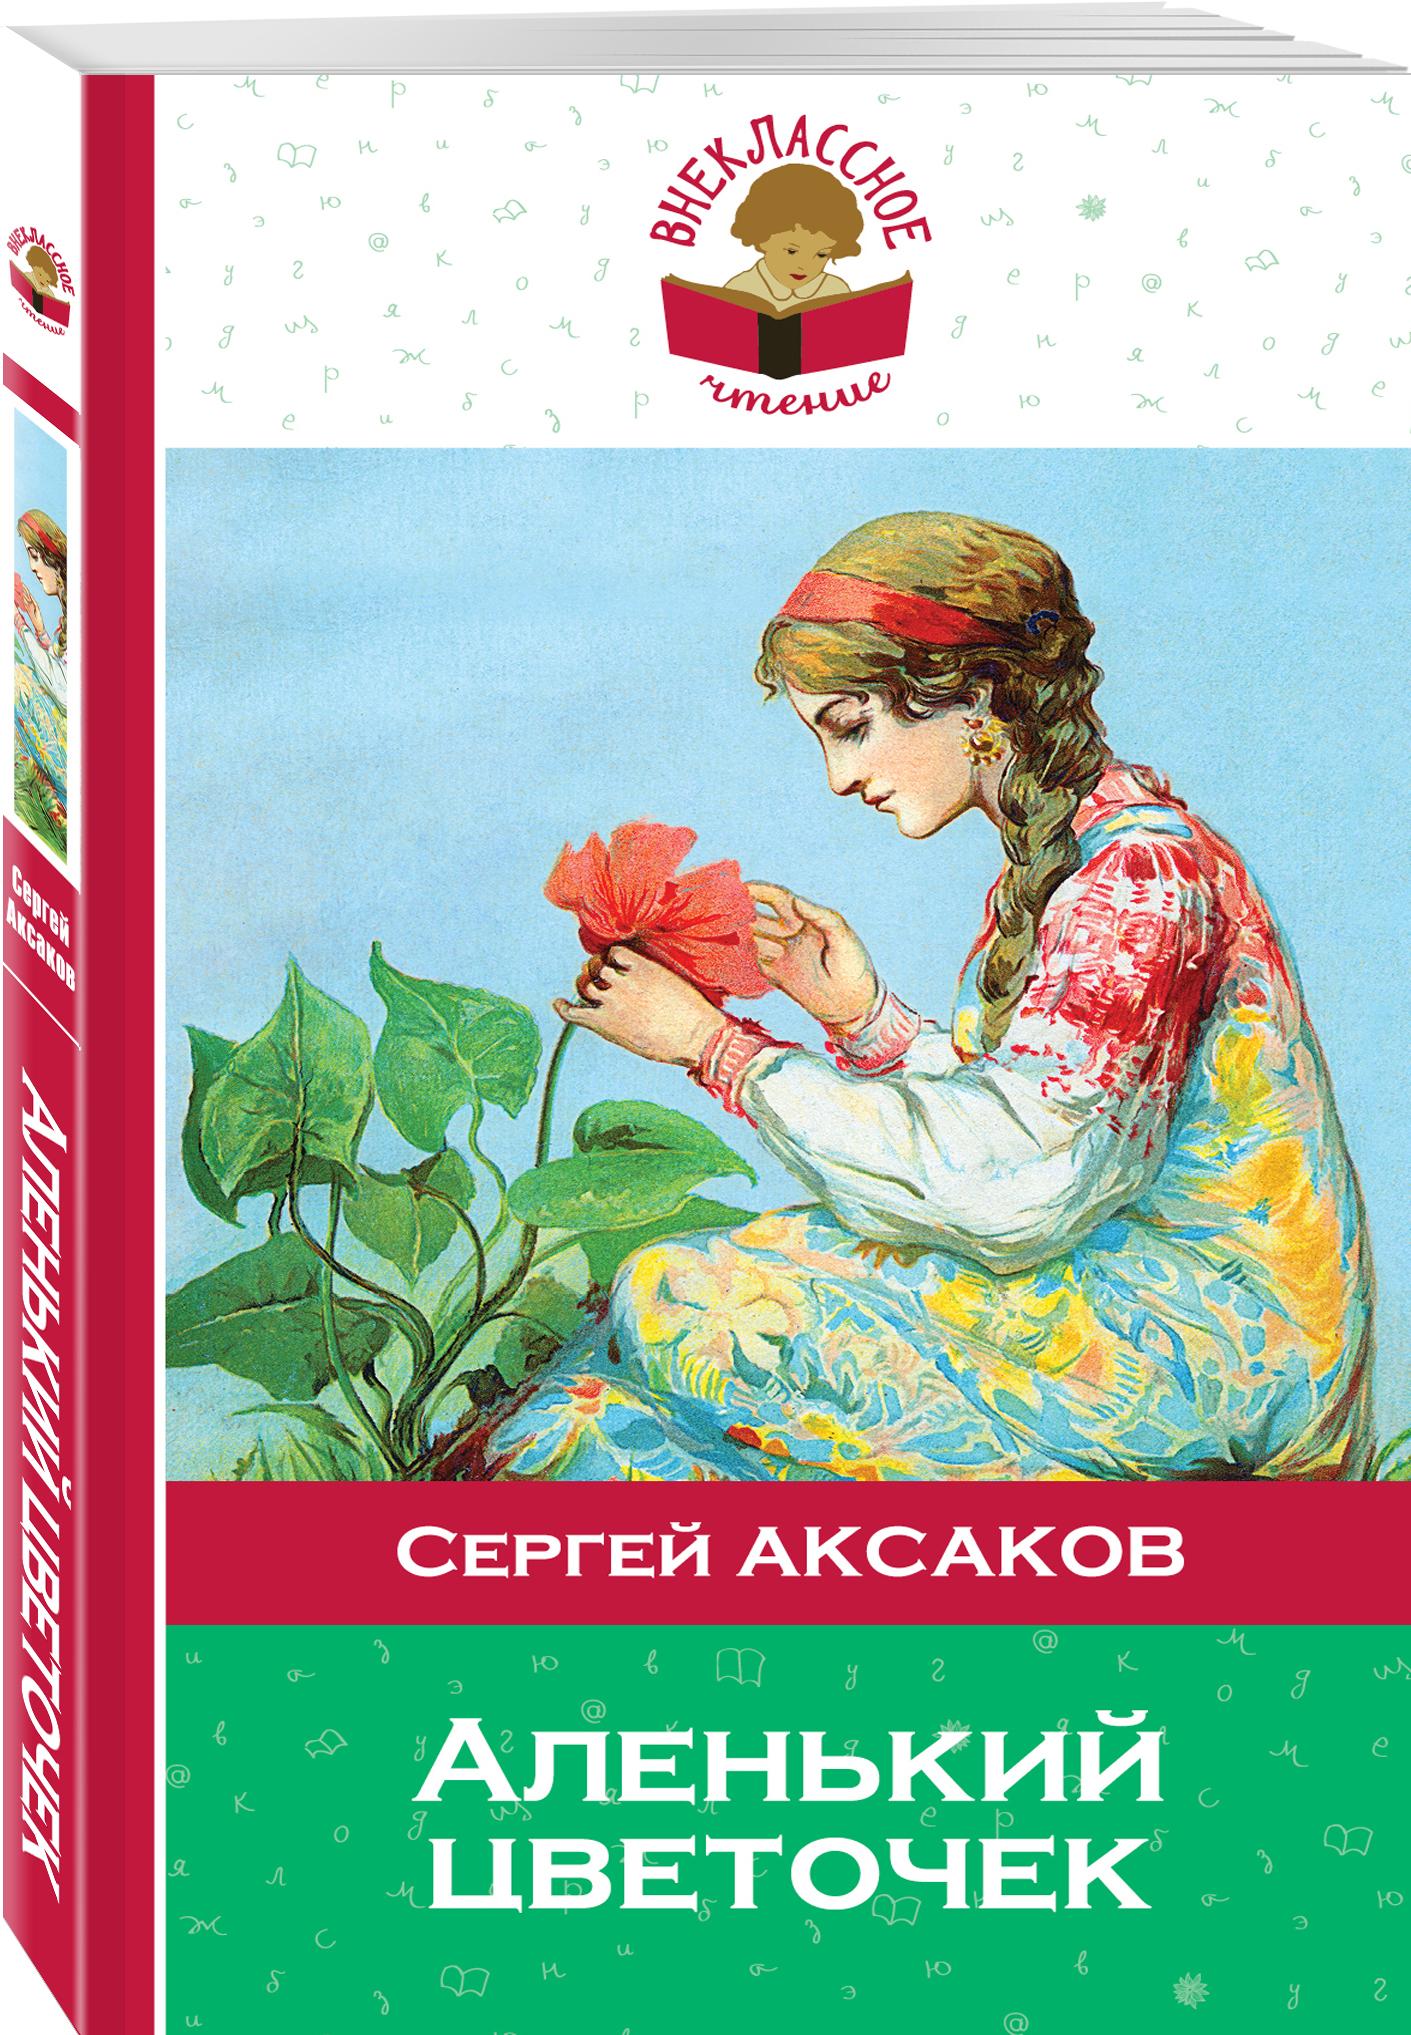 Аксаков С.Т. Аленький цветочек